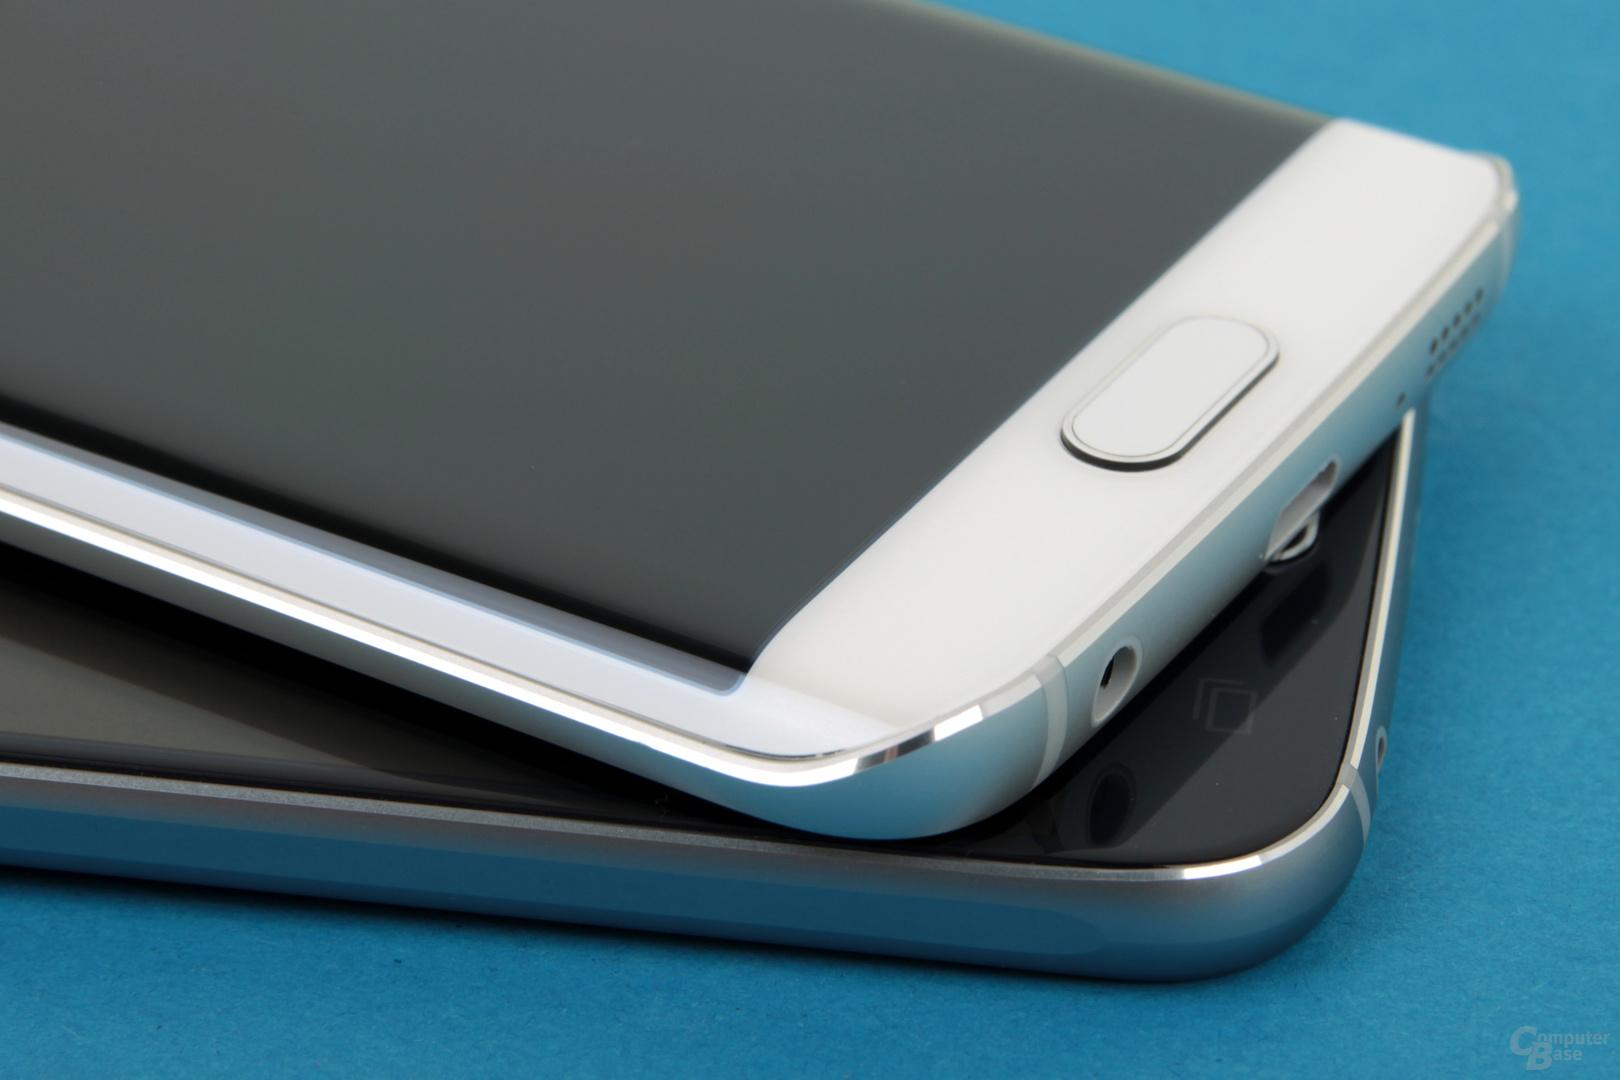 Galaxy S6 und Galaxy S6 edge sind sehr gut verarbeitet